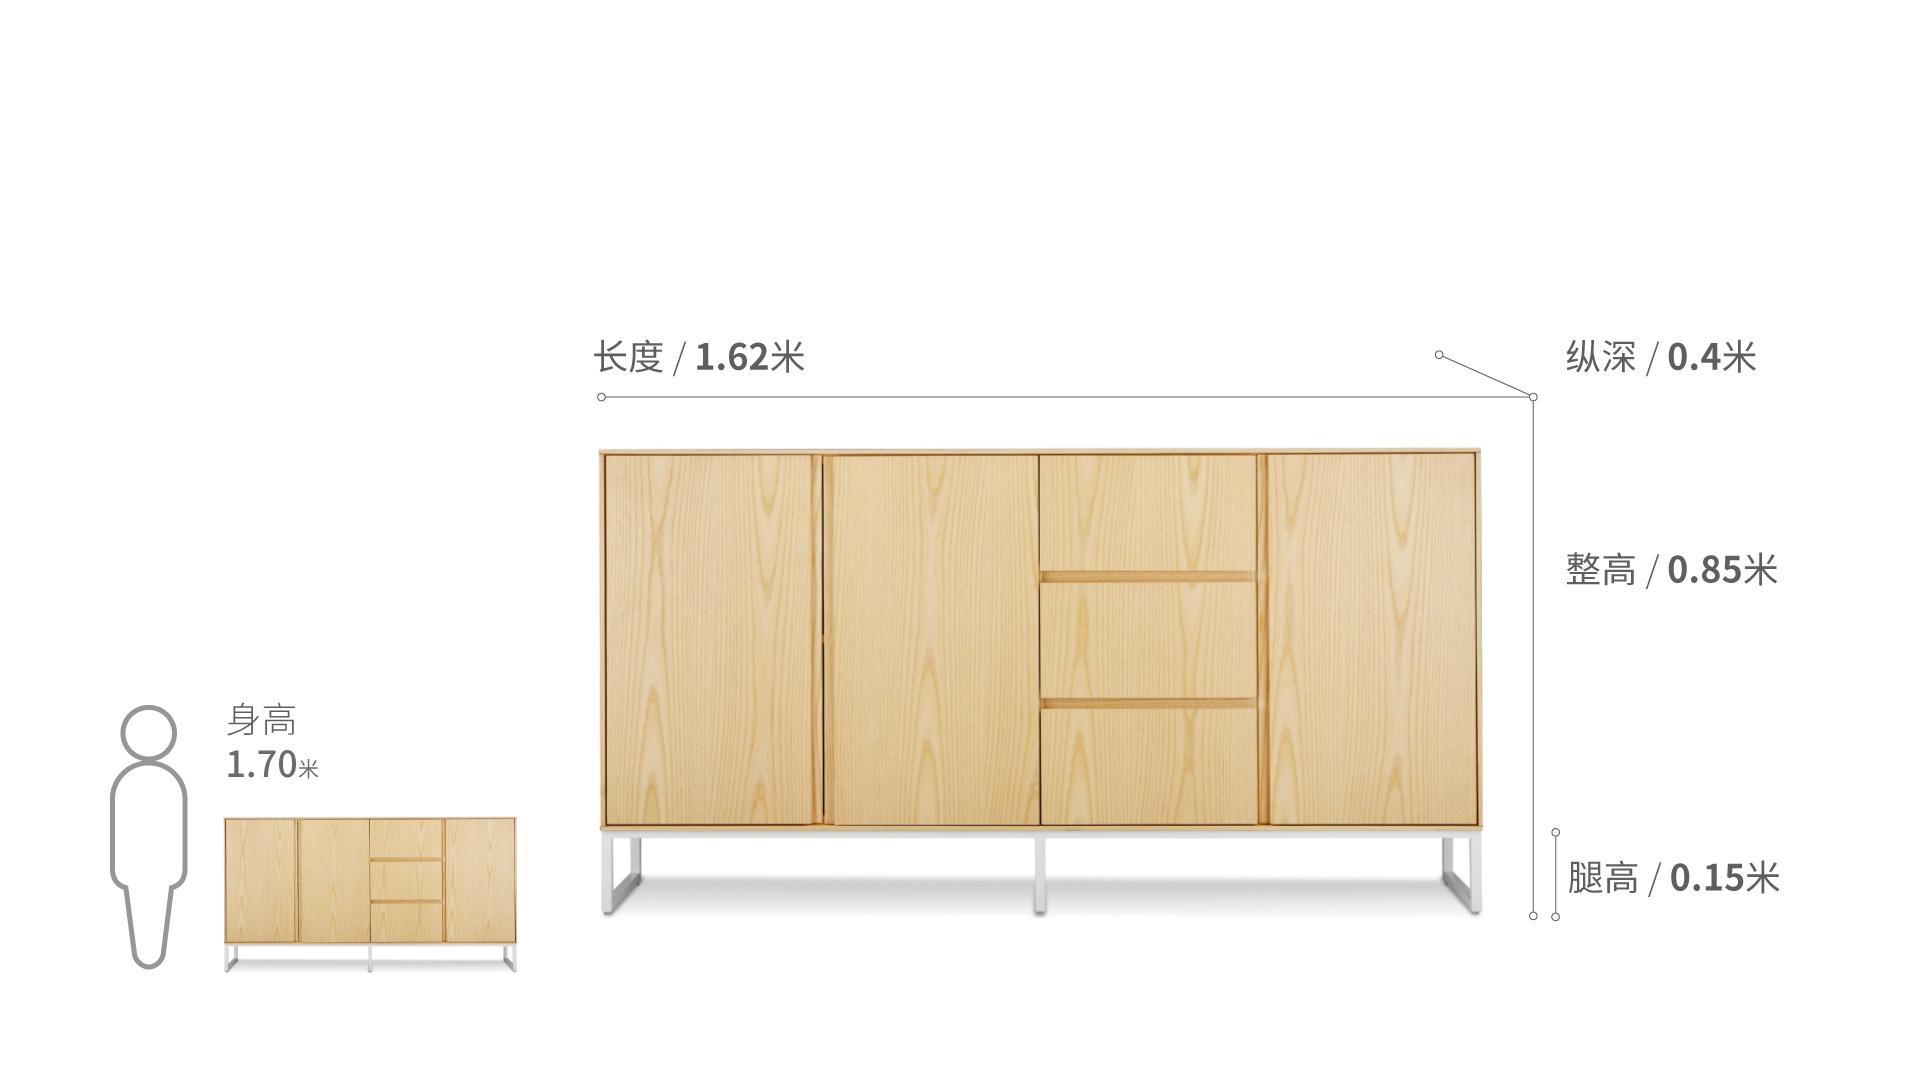 新画板餐边柜®柜架效果图